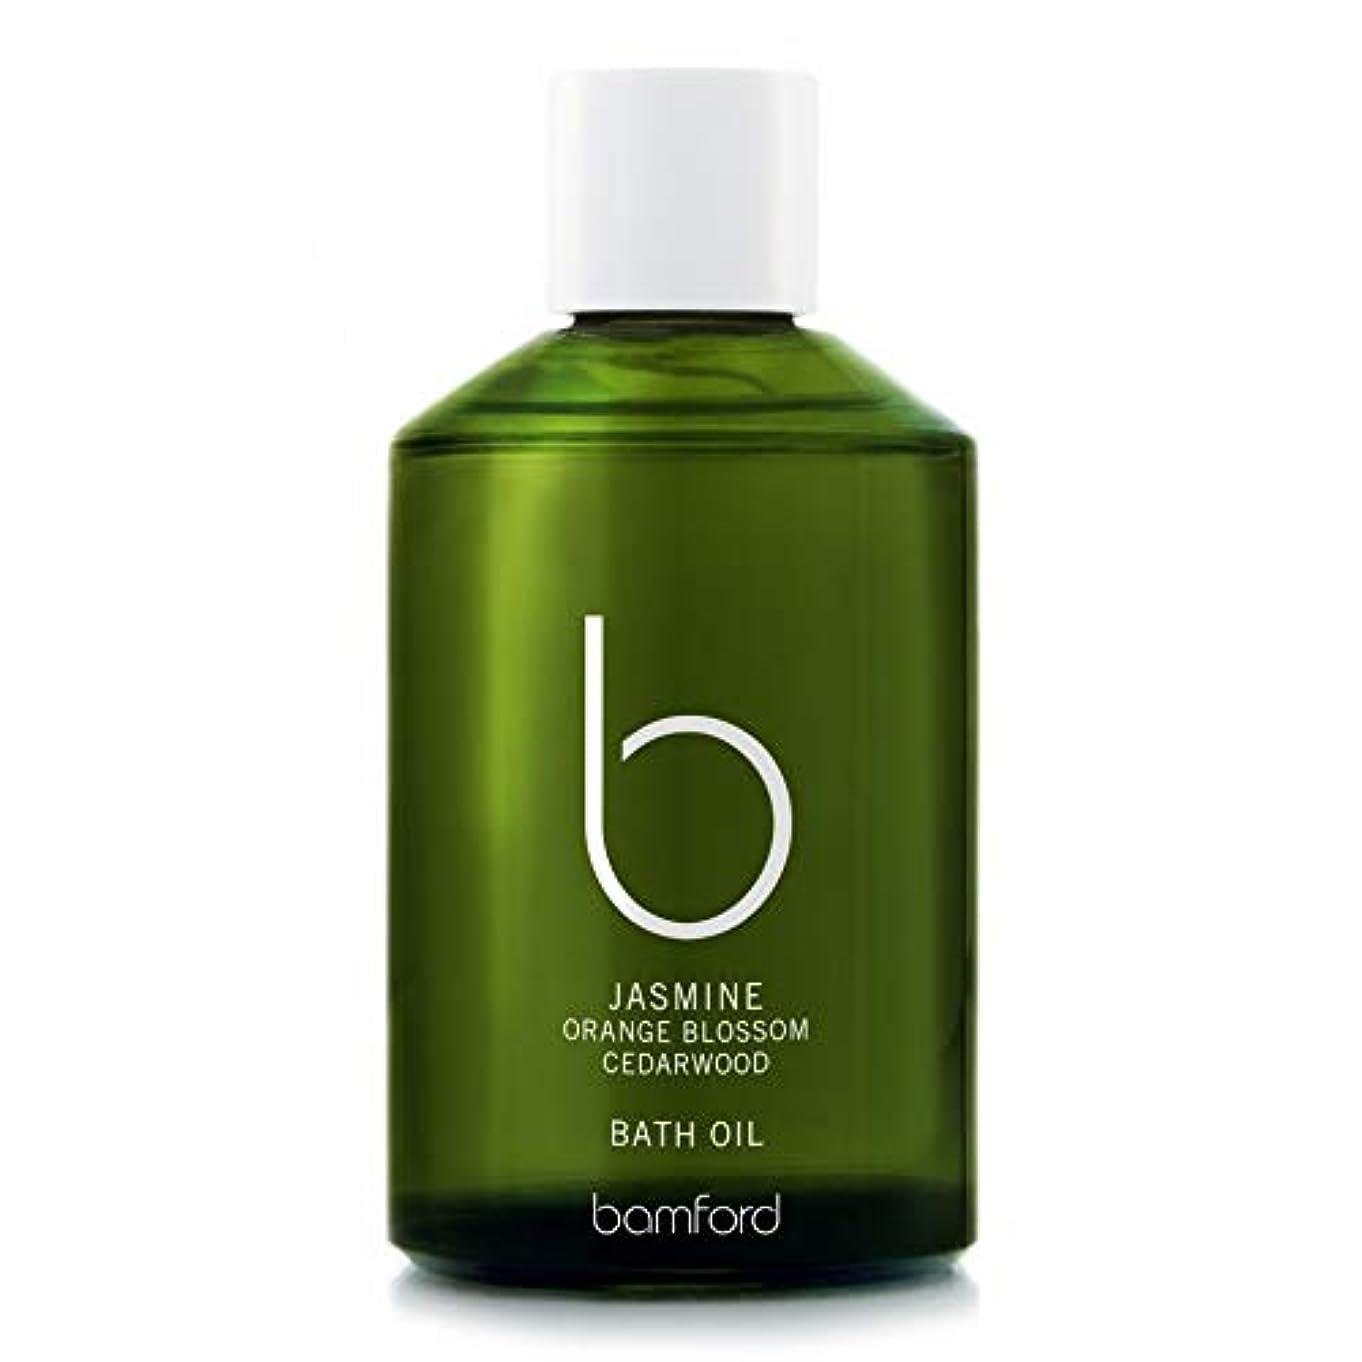 アクセサリー惨めなはぁ[Bamford ] バンフォードジャスミンバスオイル250ミリリットル - Bamford Jasmine Bath Oil 250ml [並行輸入品]